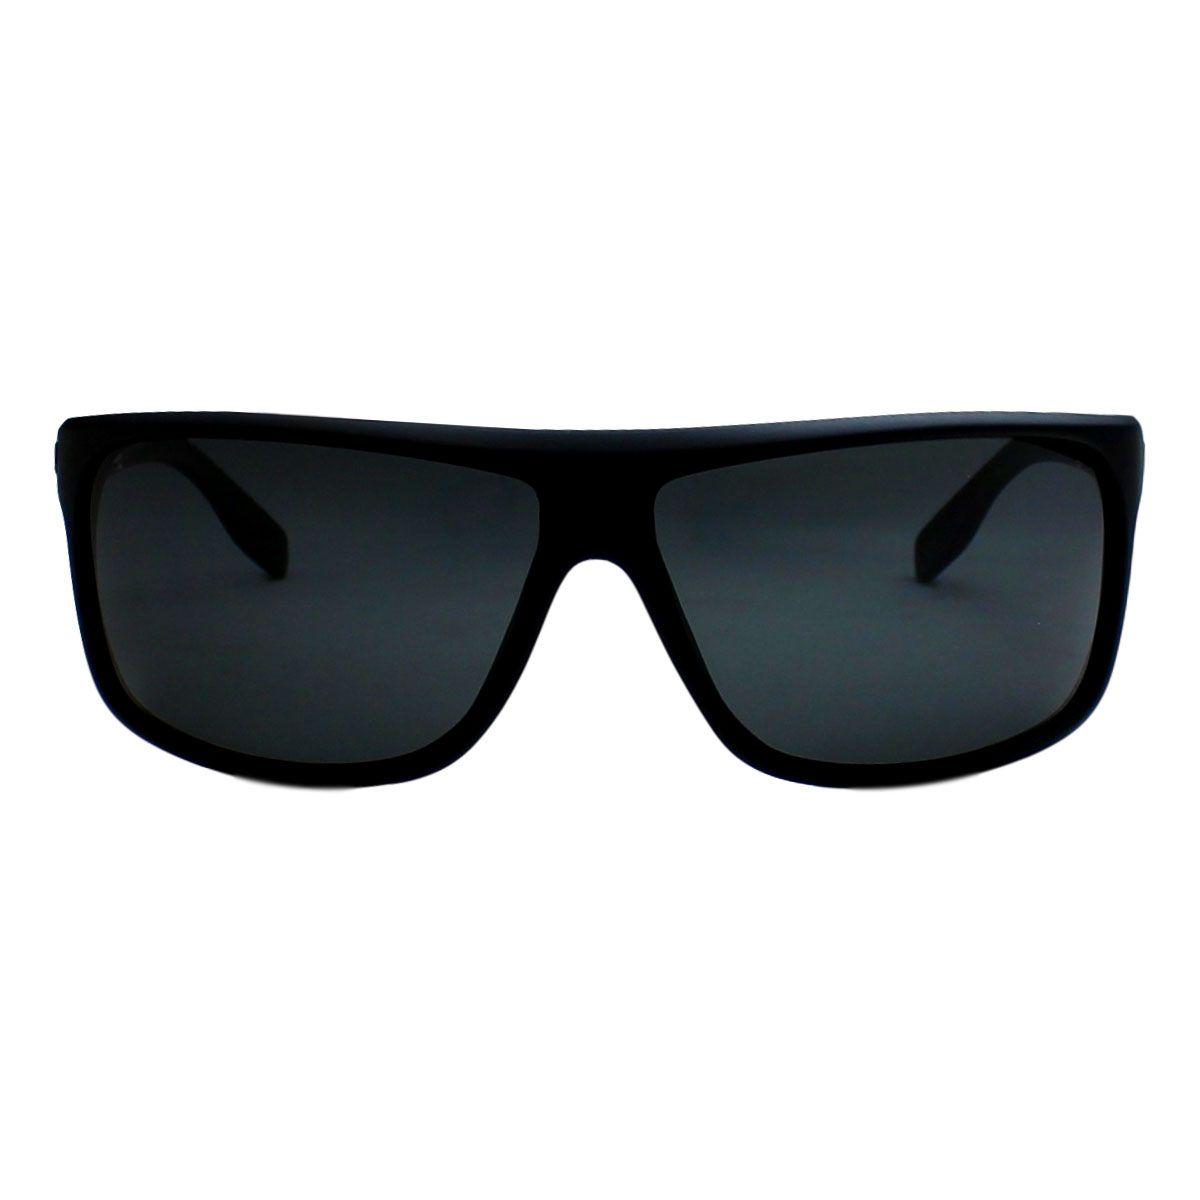 Óculos de sol Your Way 4287YW Lentes Polarizadas - Preto